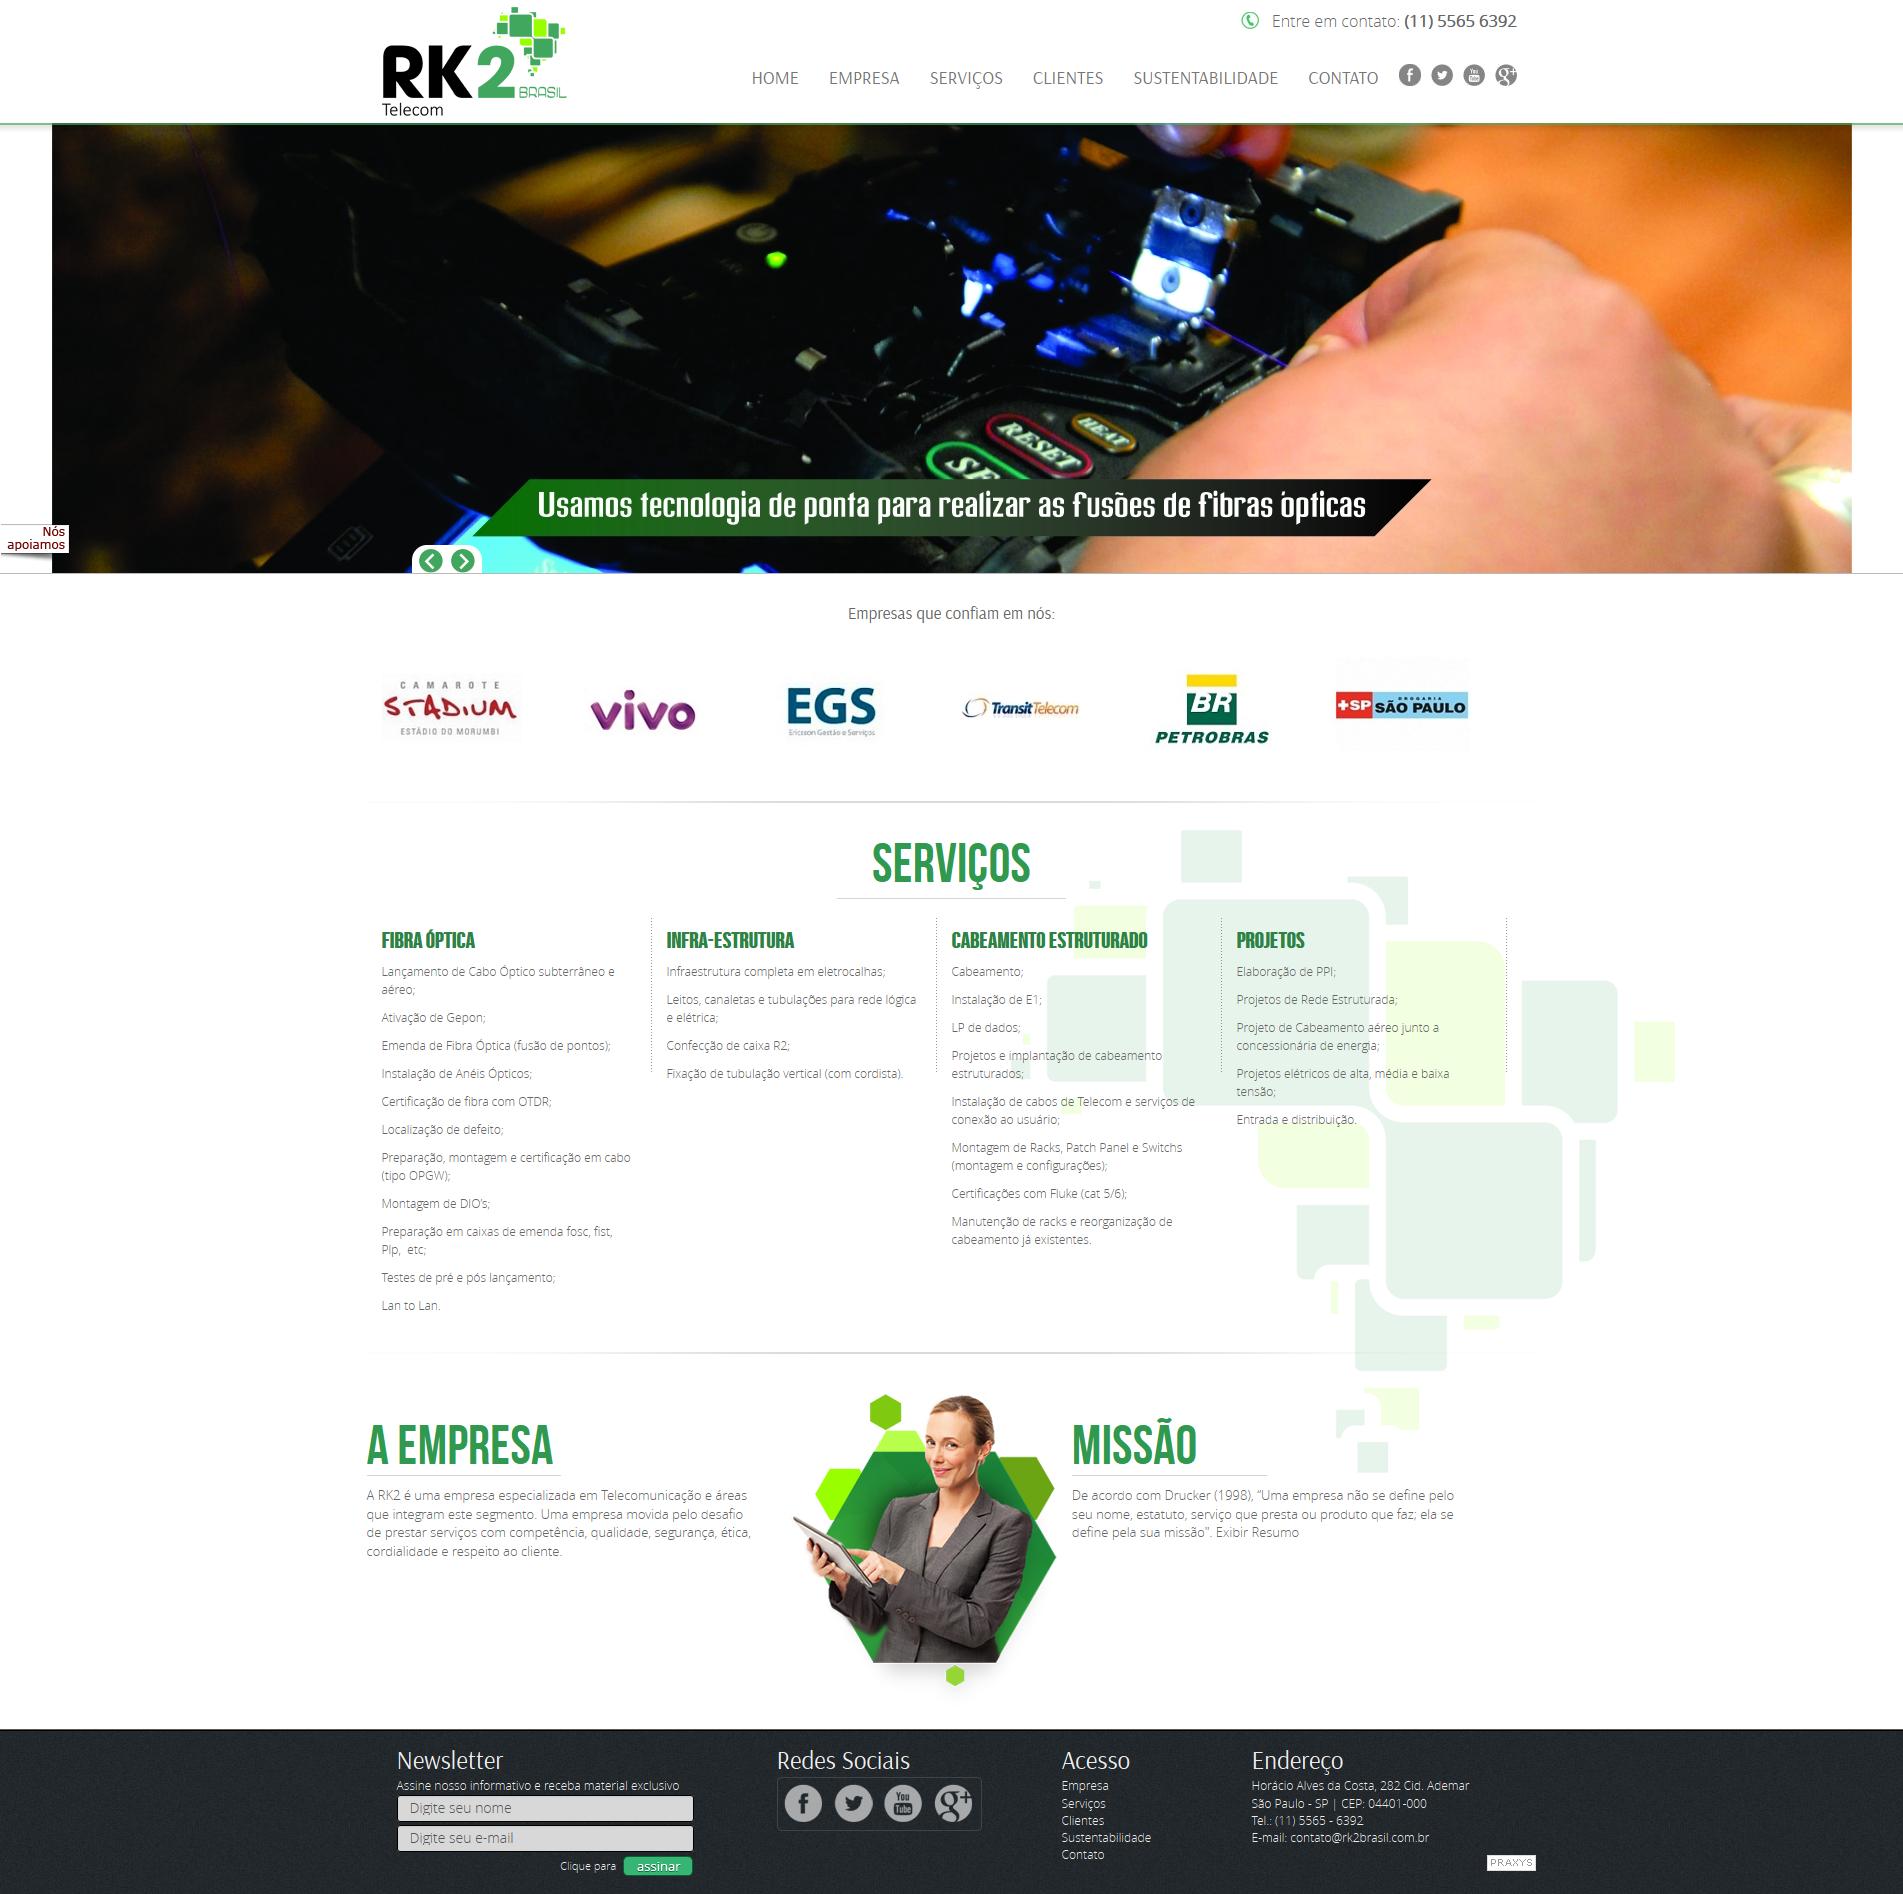 Imagem do projeto RK2 Brasil